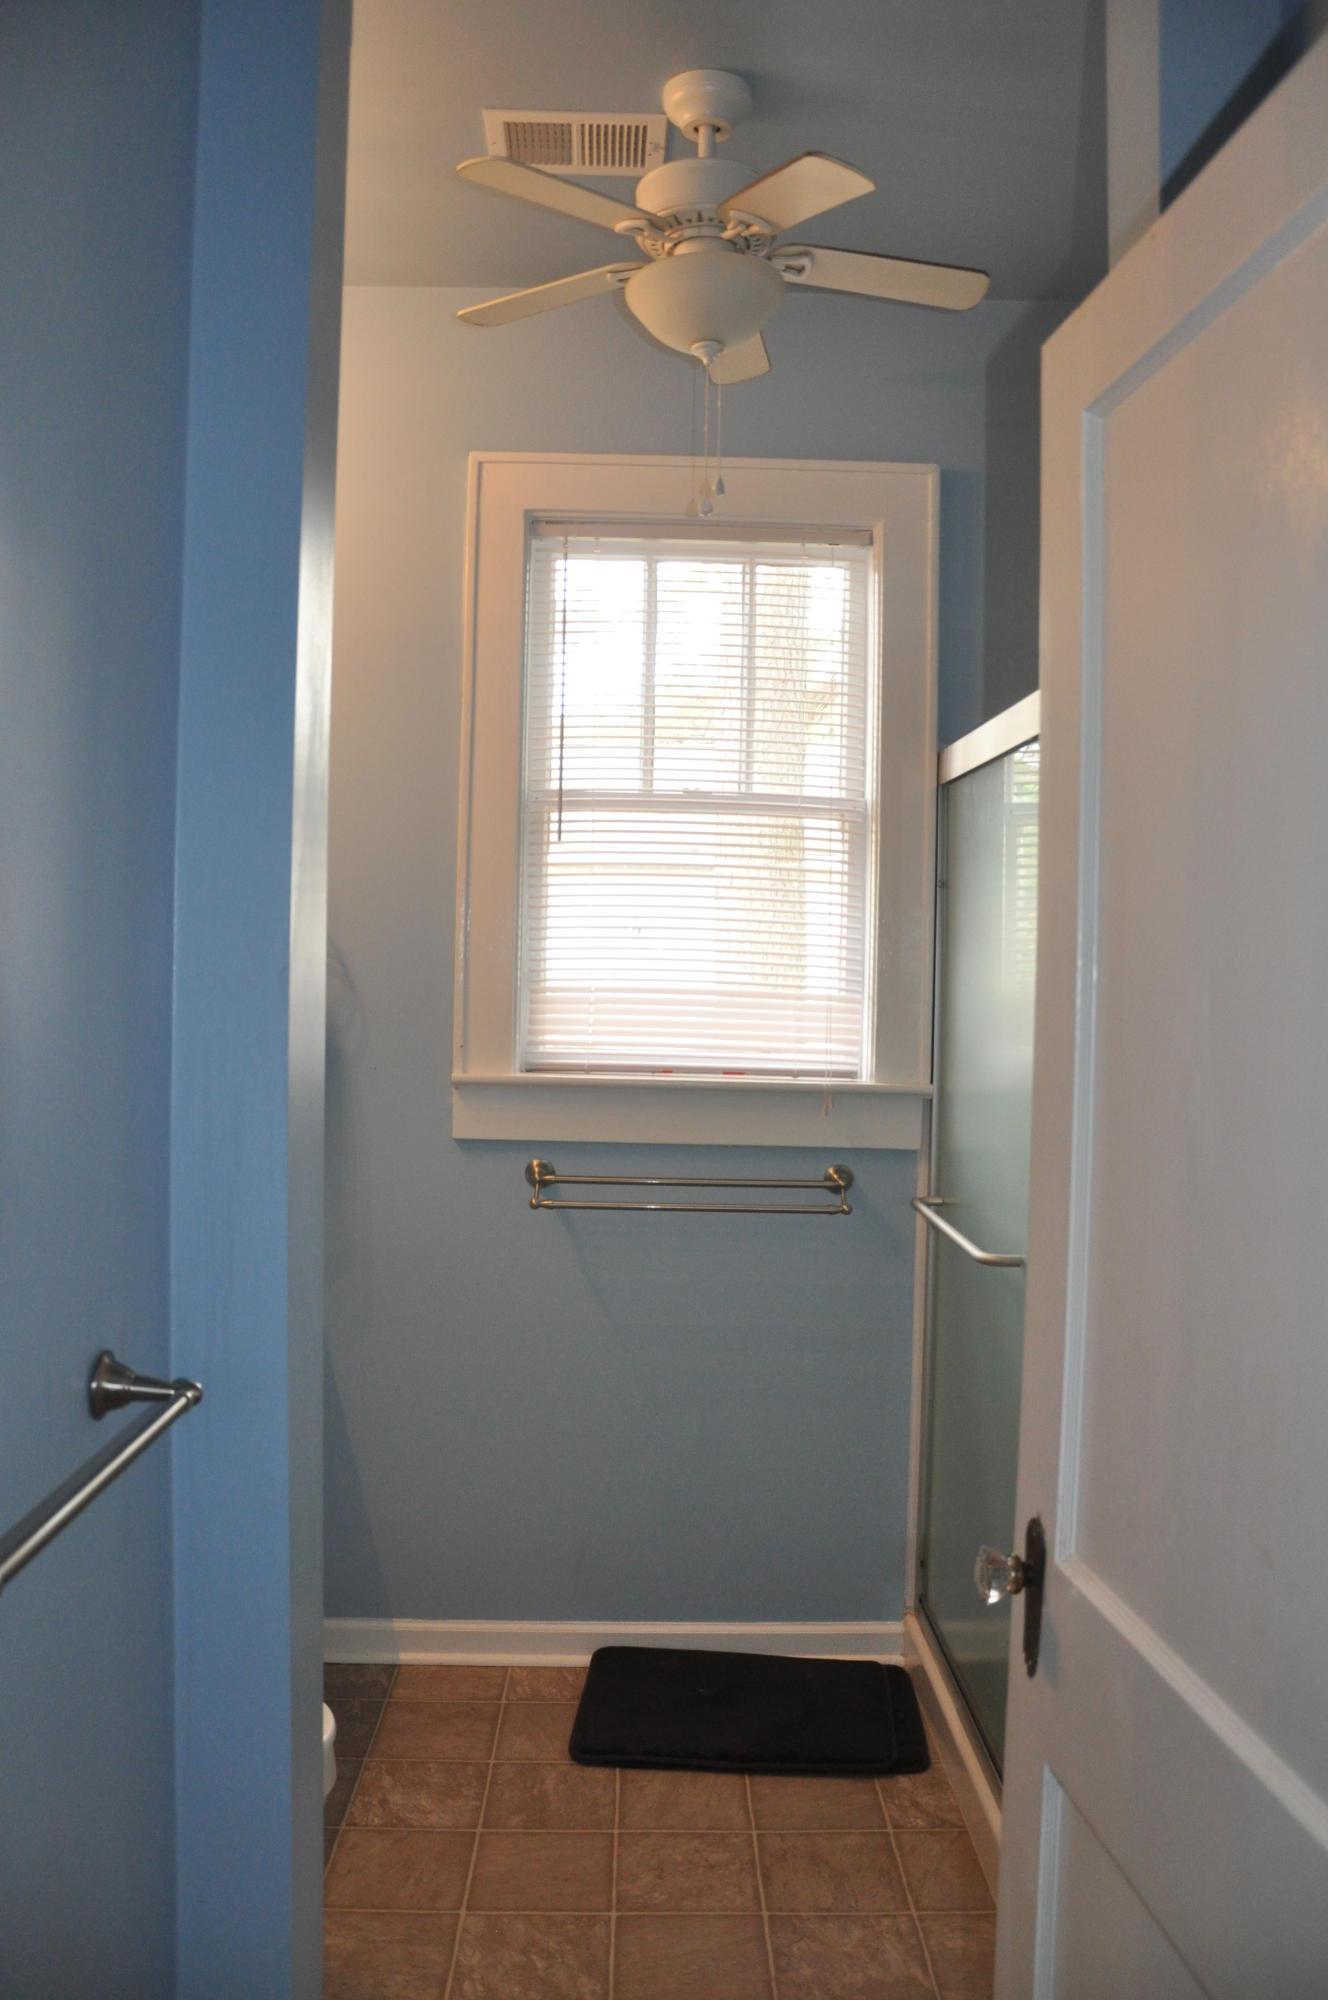 St Andrews Homes For Sale - 1820 1st, Charleston, SC - 4